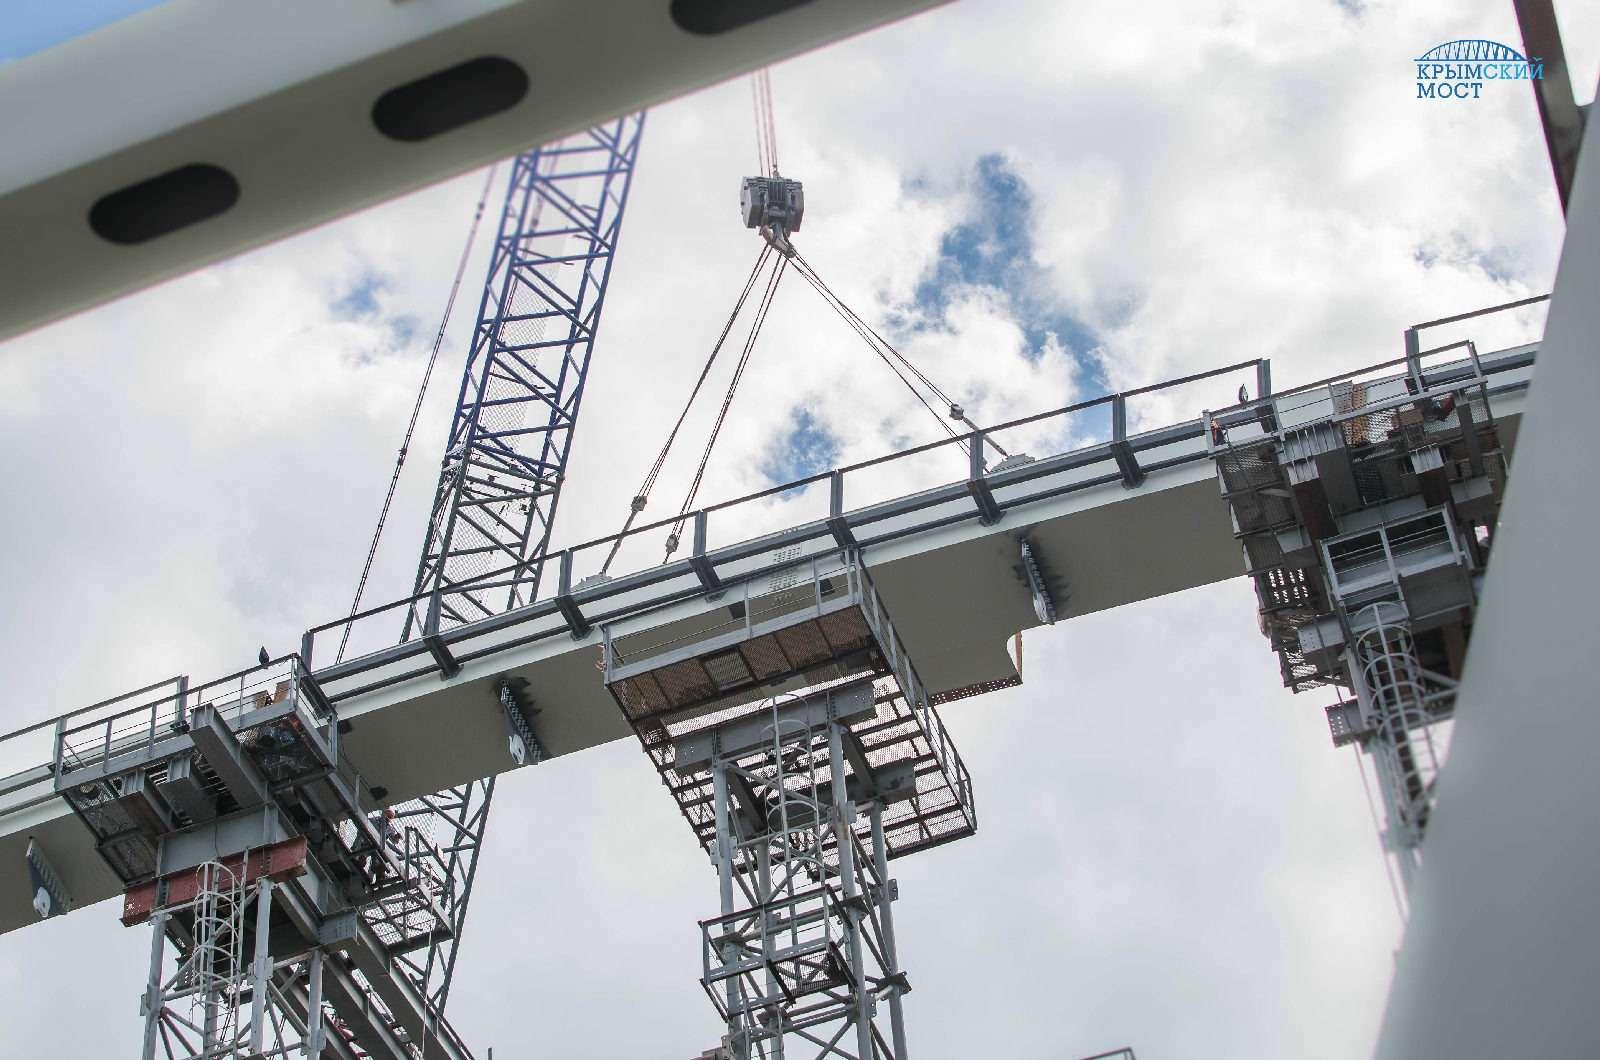 Строители завершили сборку автодорожной арки Крымского моста— фото 779833